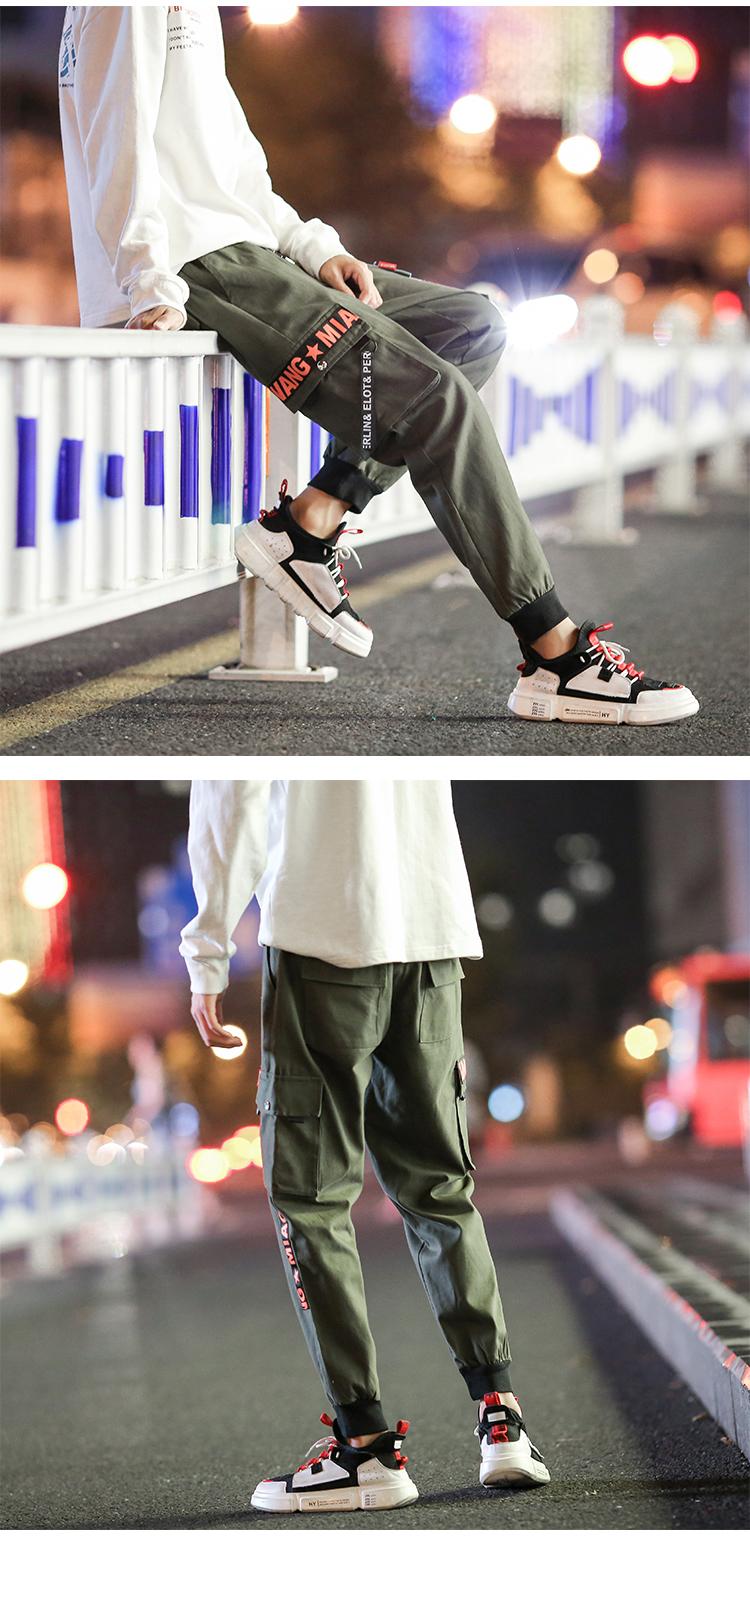 工装裤织带飘带休闲迷彩休闲裤XZ113-3-8811-P55(控价88)